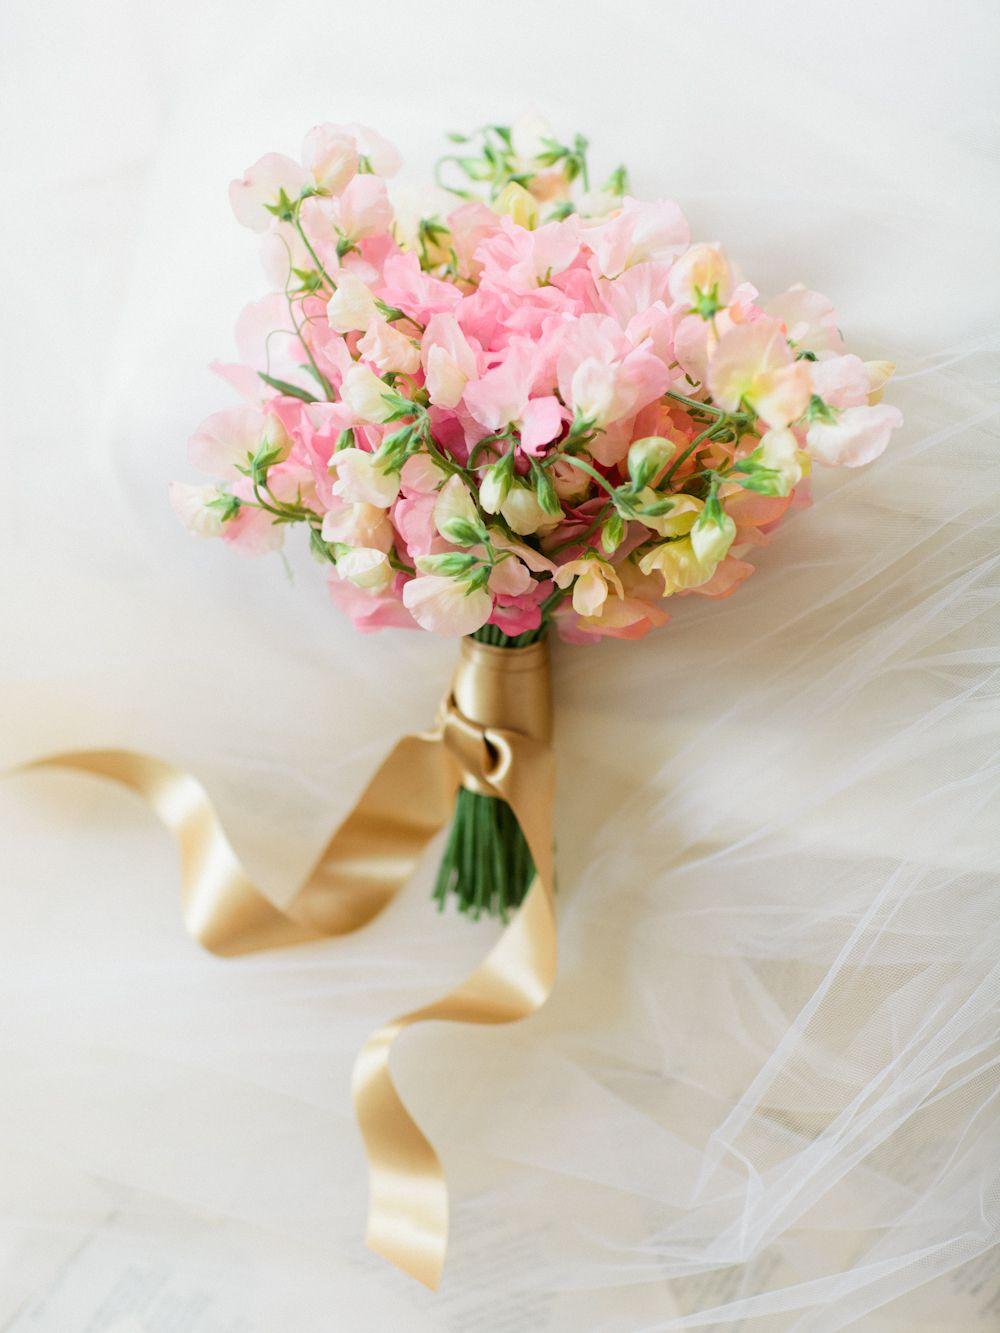 Sweet Pea Winter Wedding Flower